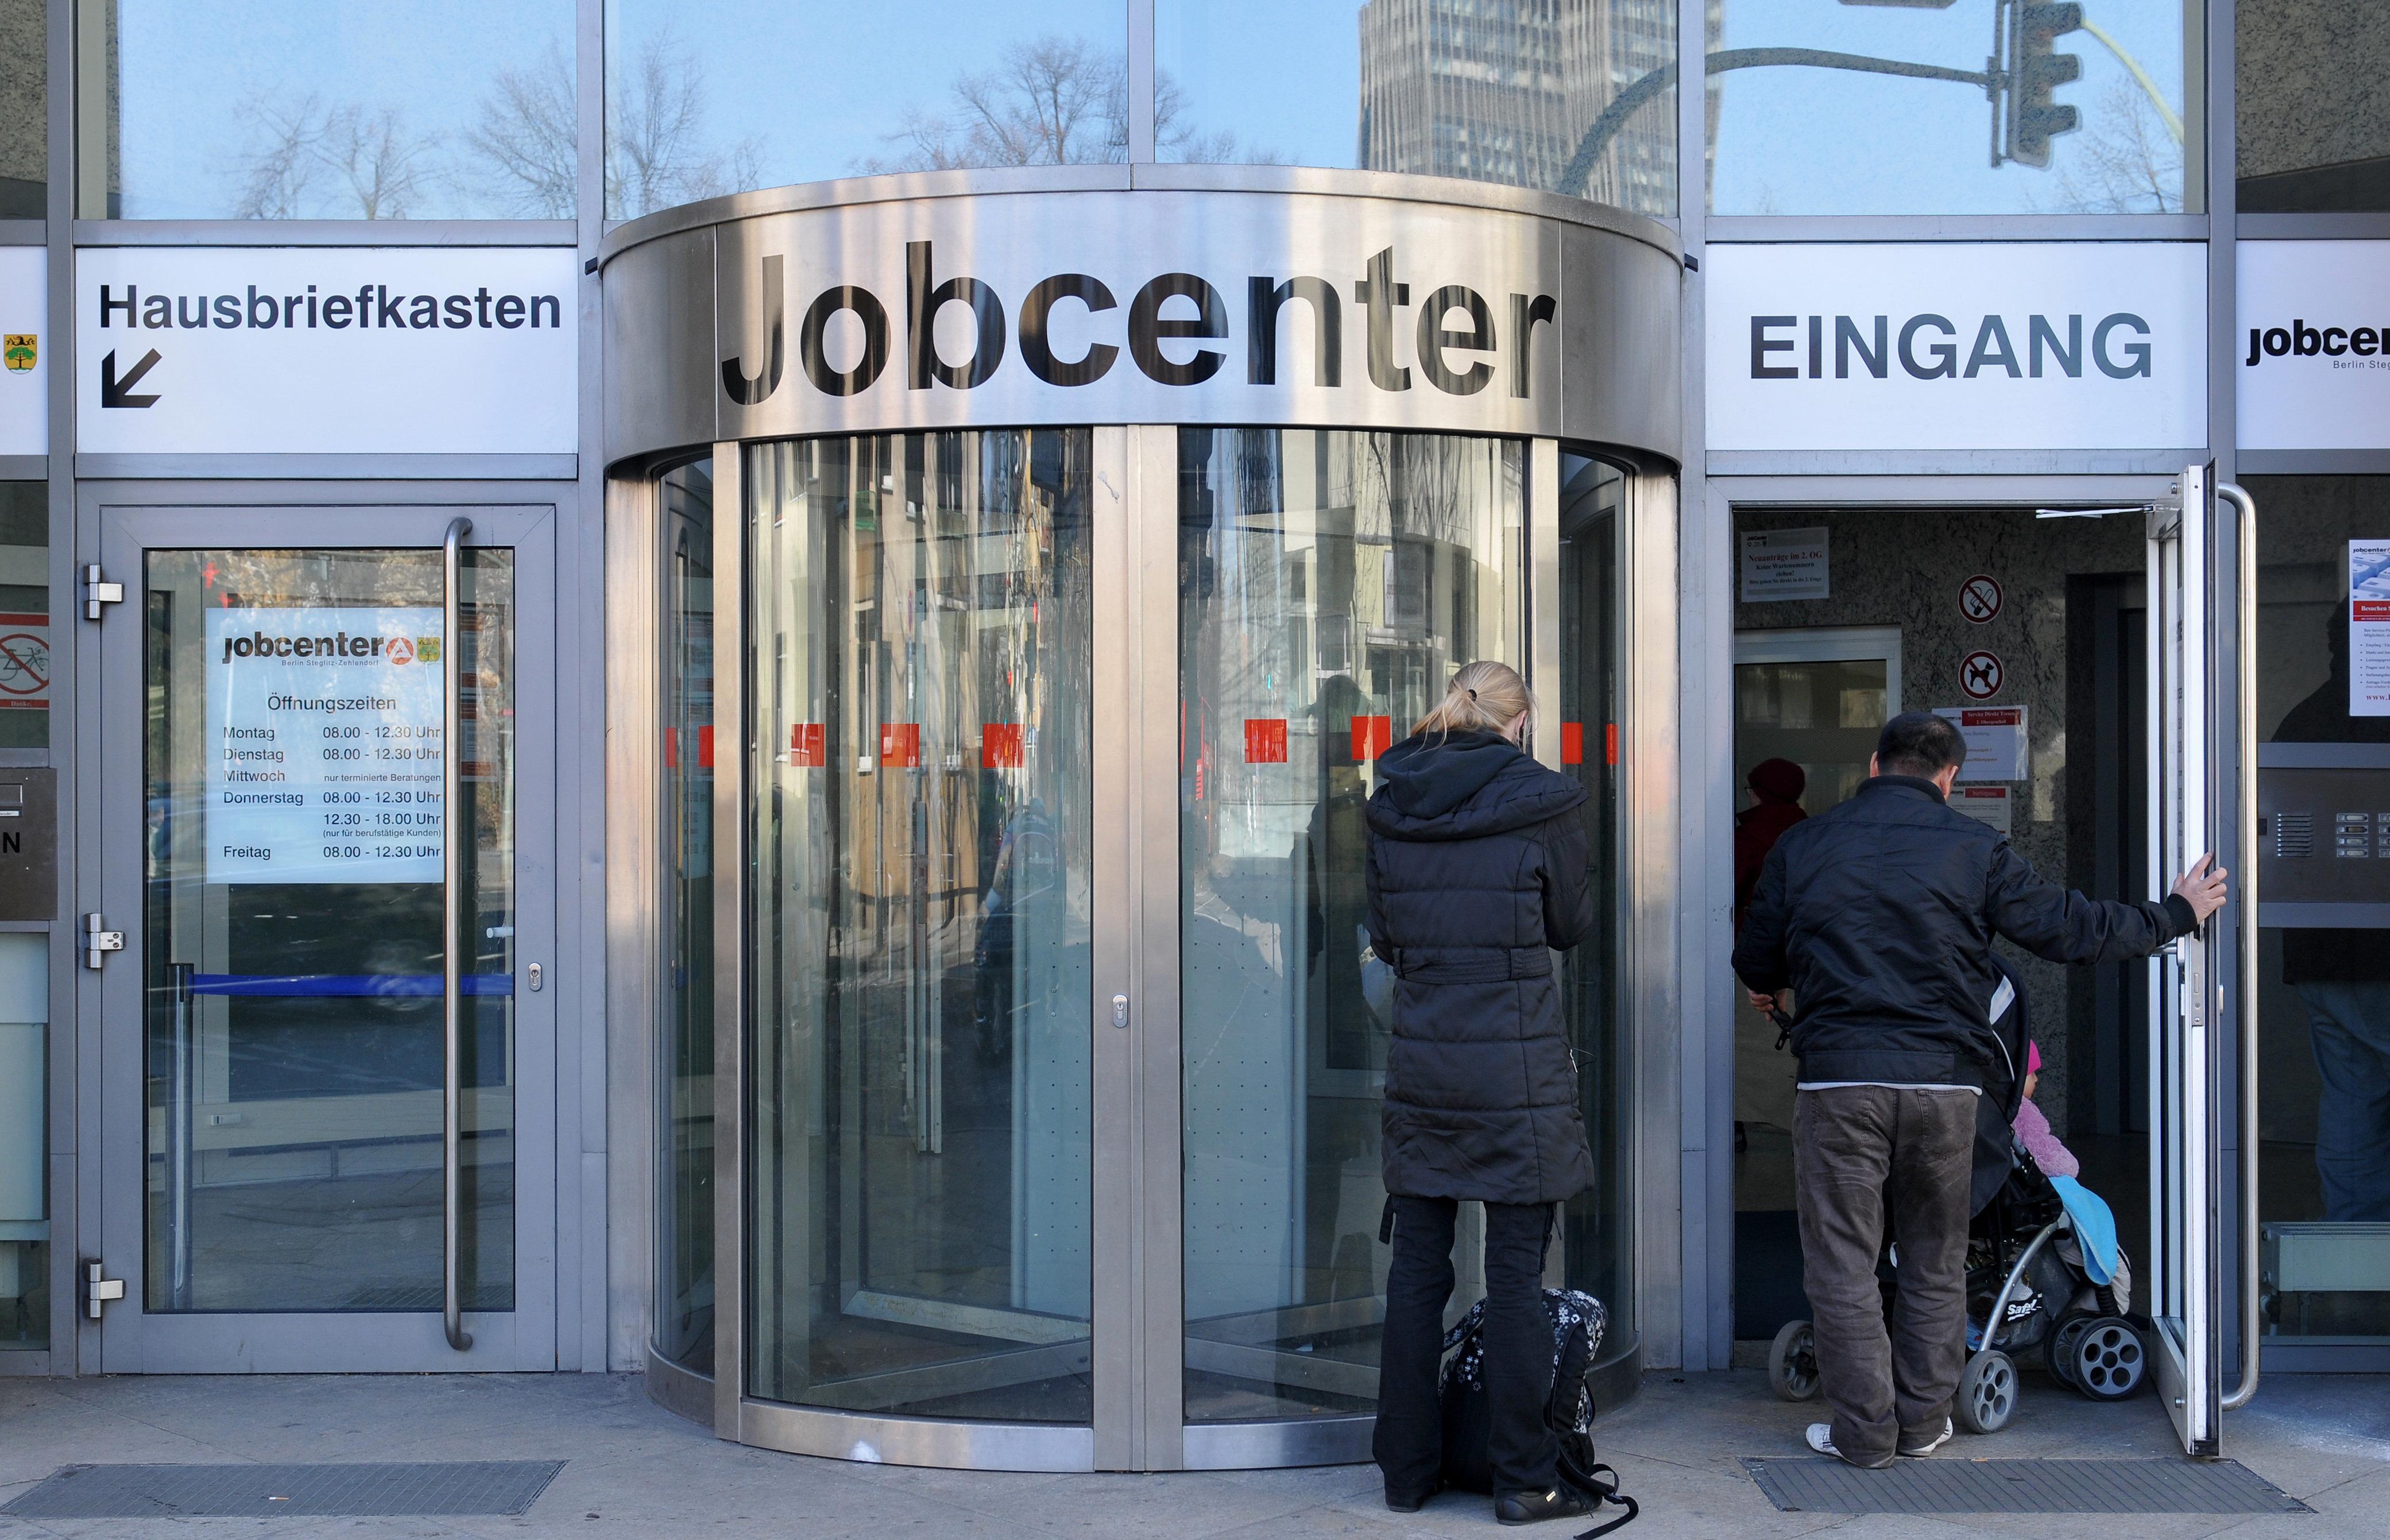 Weil dieses Jobcenter so gut arbeitet, haben die Mitarbeiter jetzt ein großes Problem